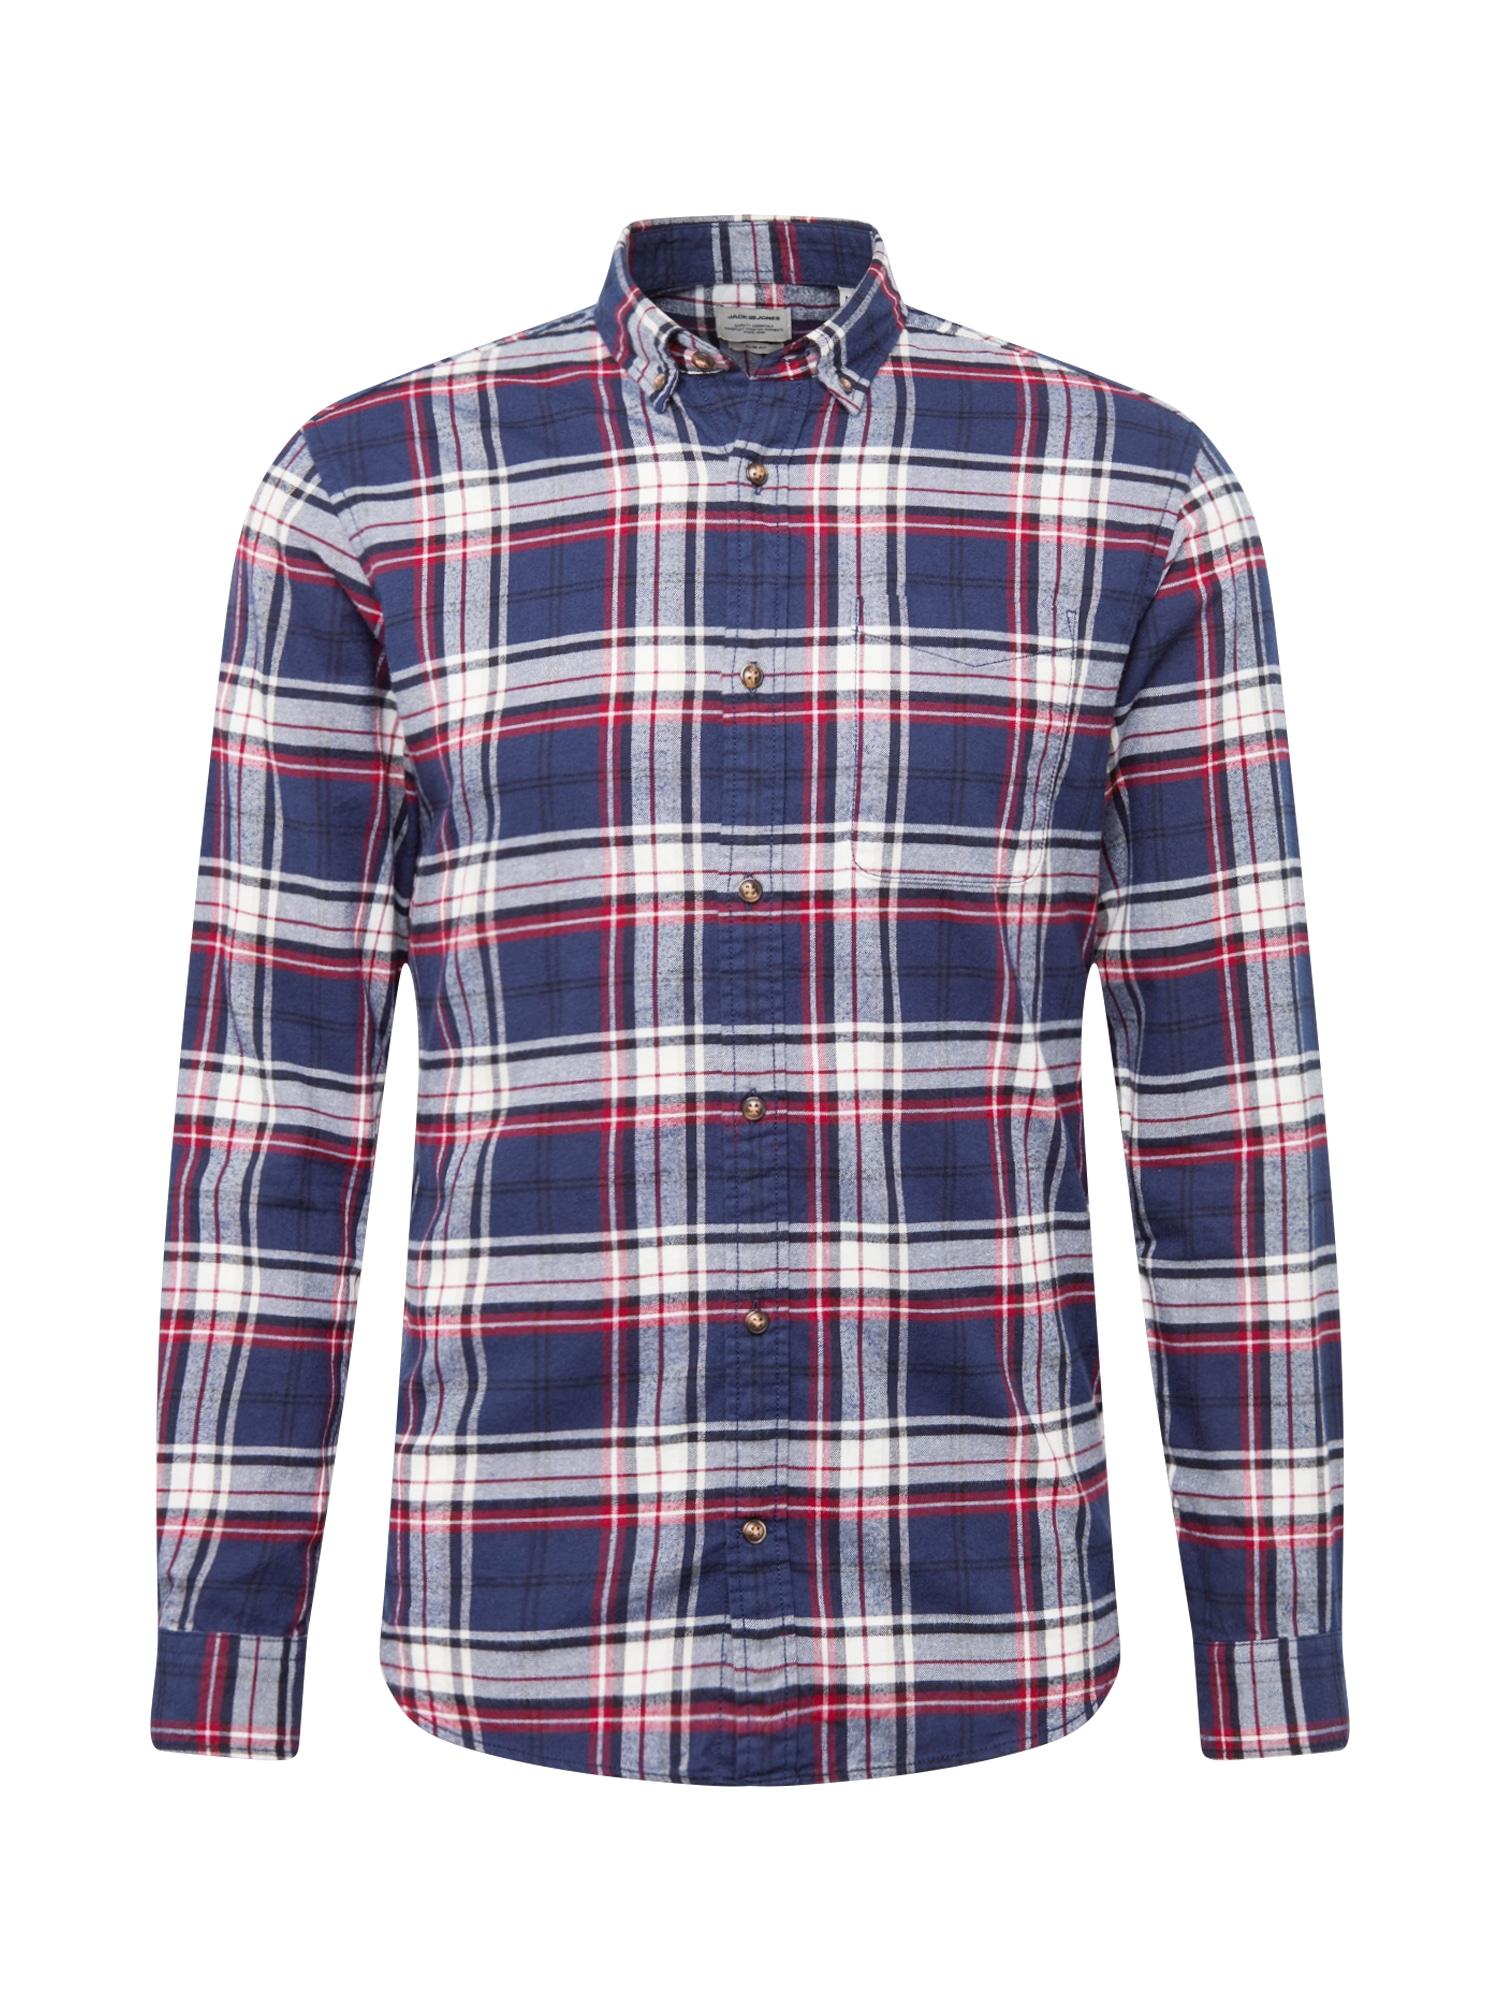 JACK & JONES Marškiniai raudona / tamsiai mėlyna / balta